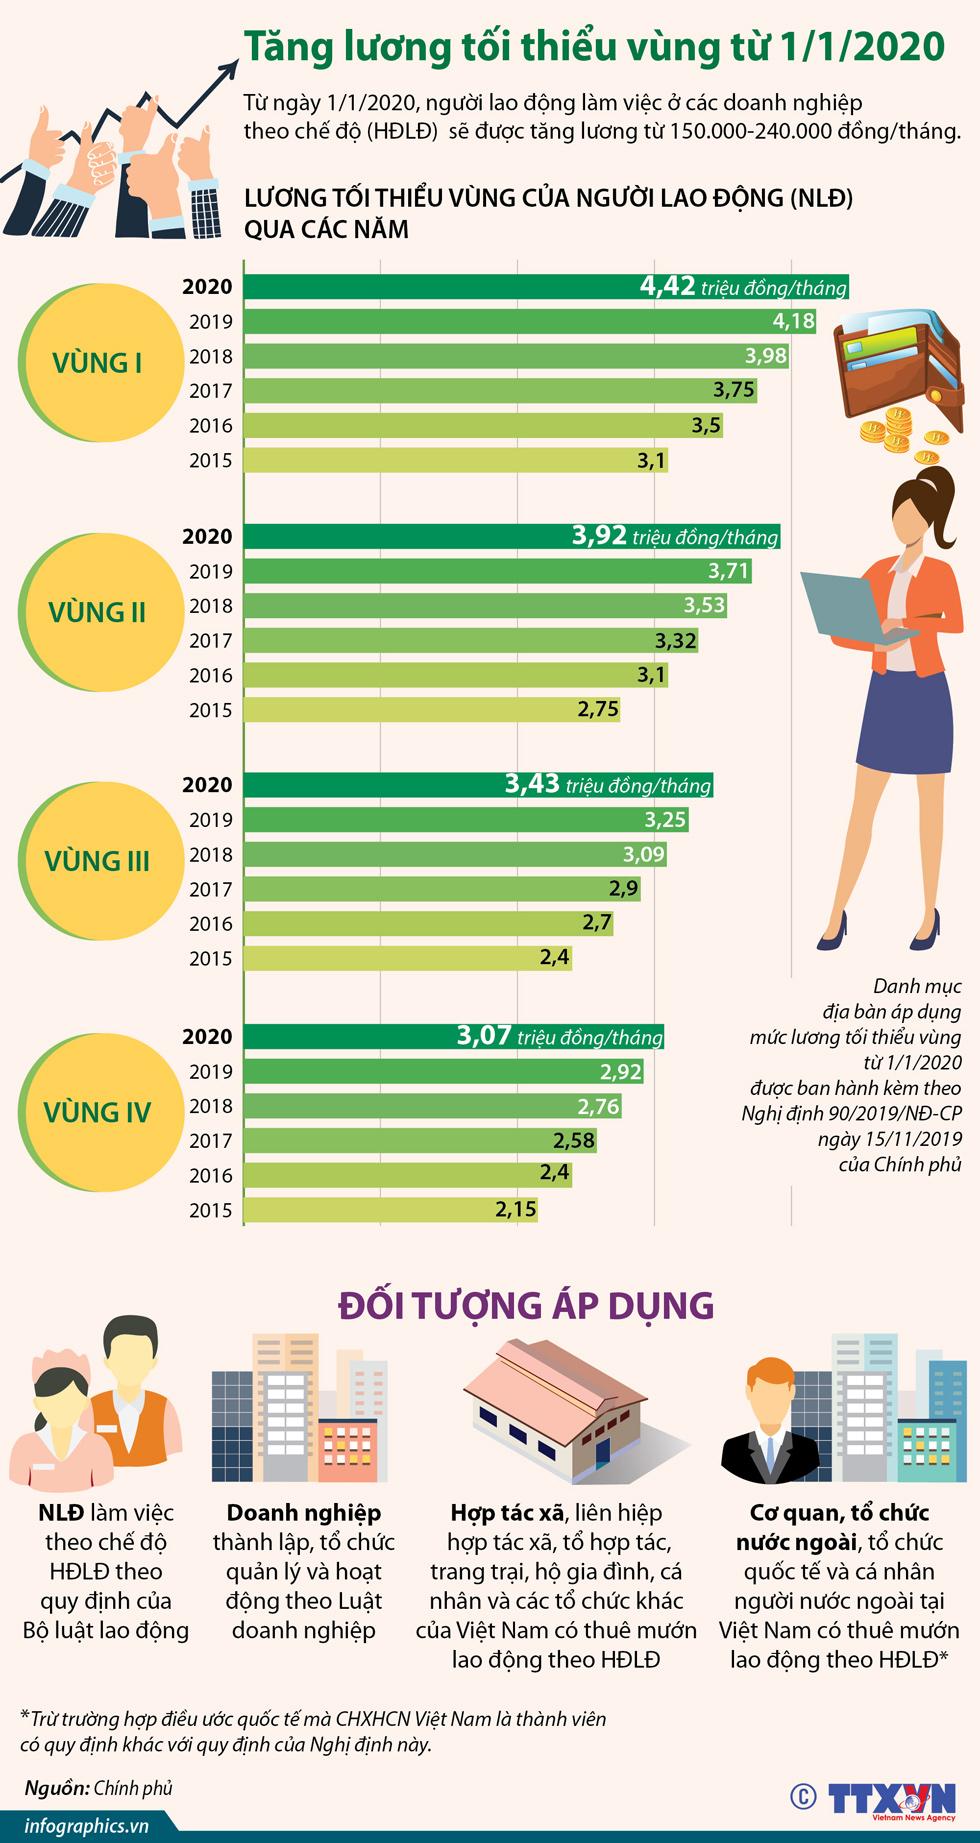 Tăng lương tối thiểu vùng từ 1-1-2020